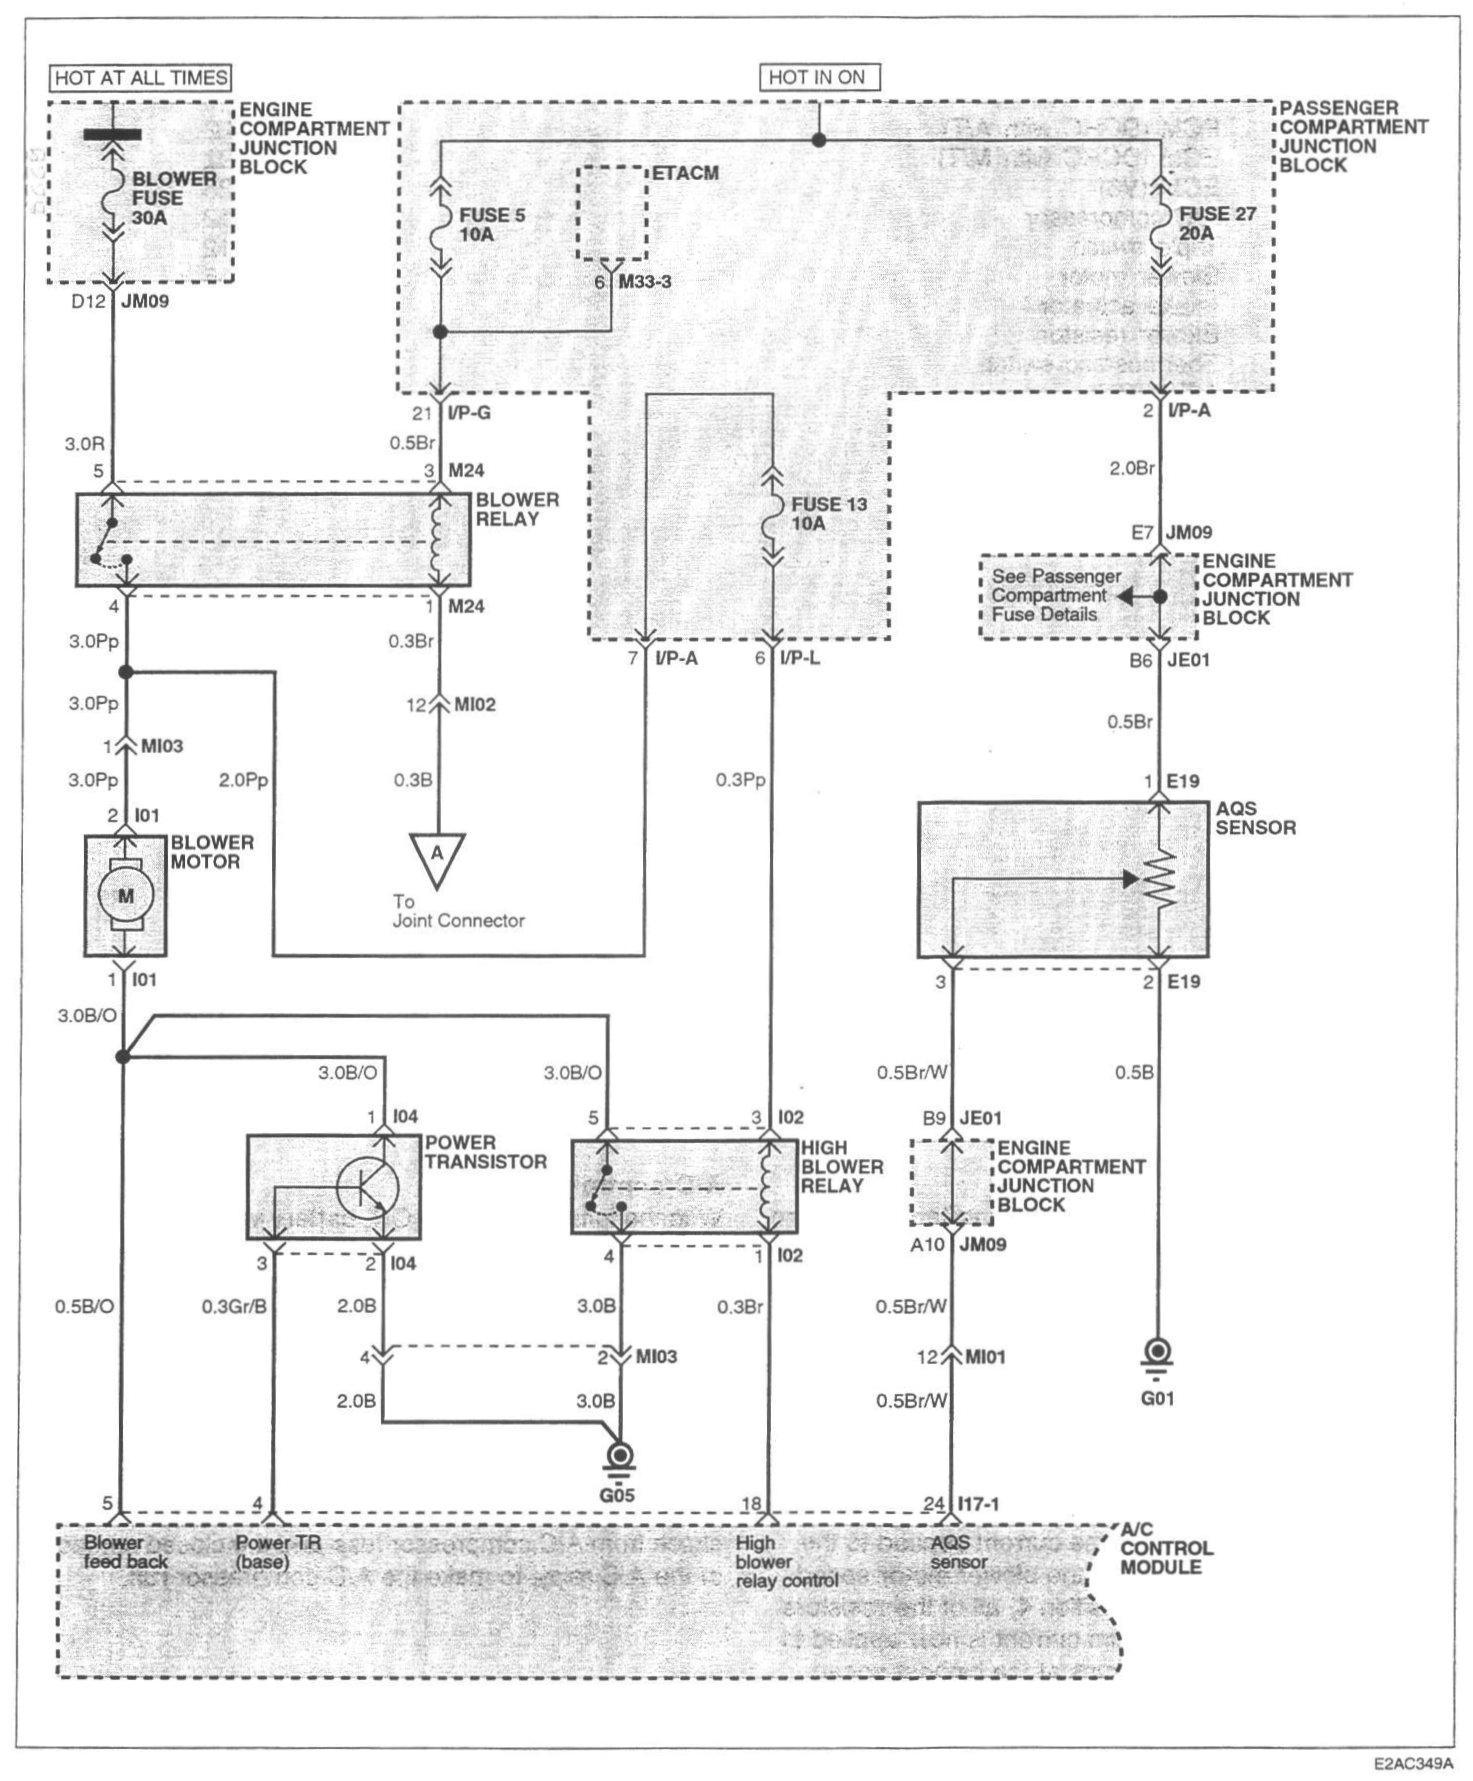 2002 hyundai sonata wiringdiagram mutynbe jpg